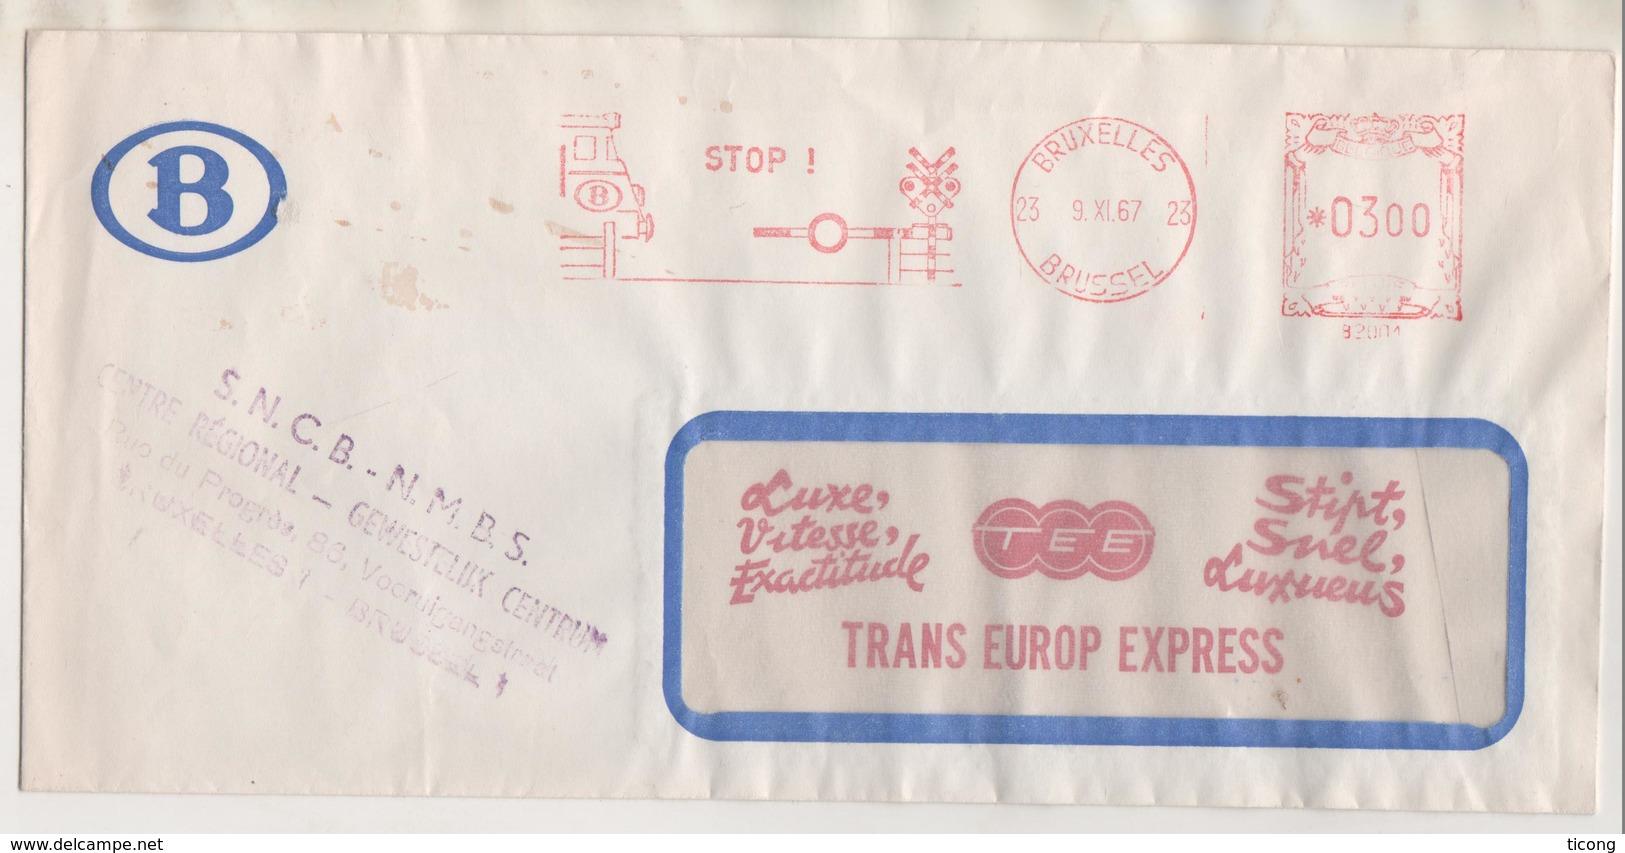 EMA ILLUSTREE BELGIQUE BRUXELLES BRUSSEL 1967 TRAIN ET BARRIERE, TRANS EUROP EXPRESS - VOIR LE SCANNER - Trenes